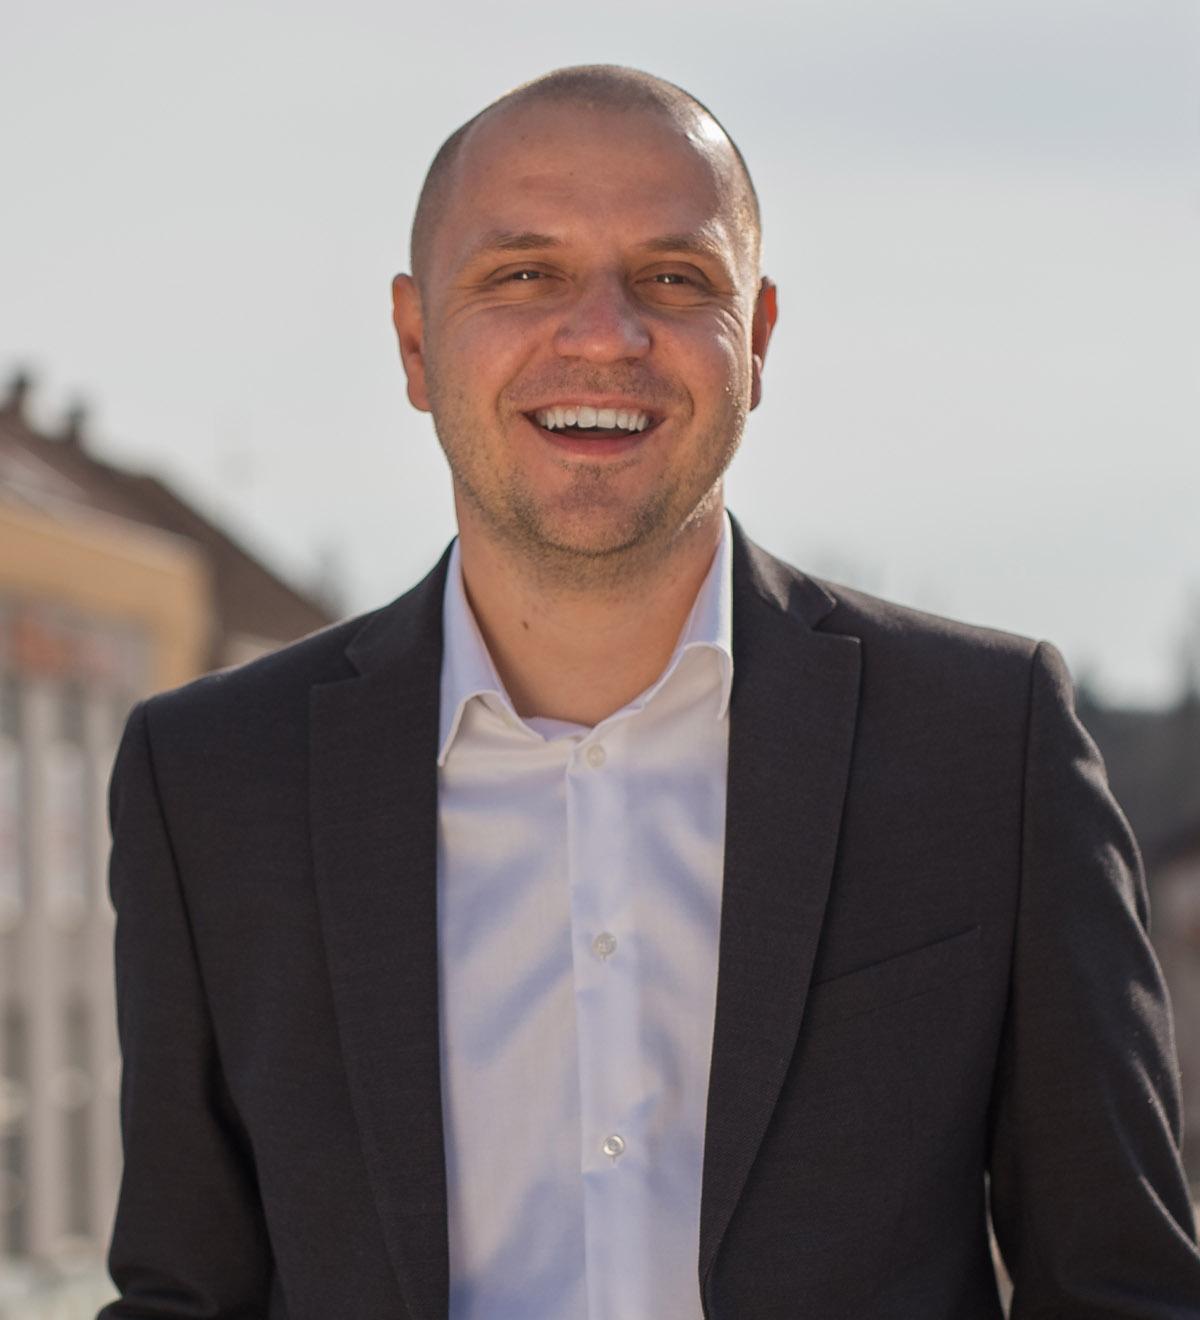 Danijel Šaško